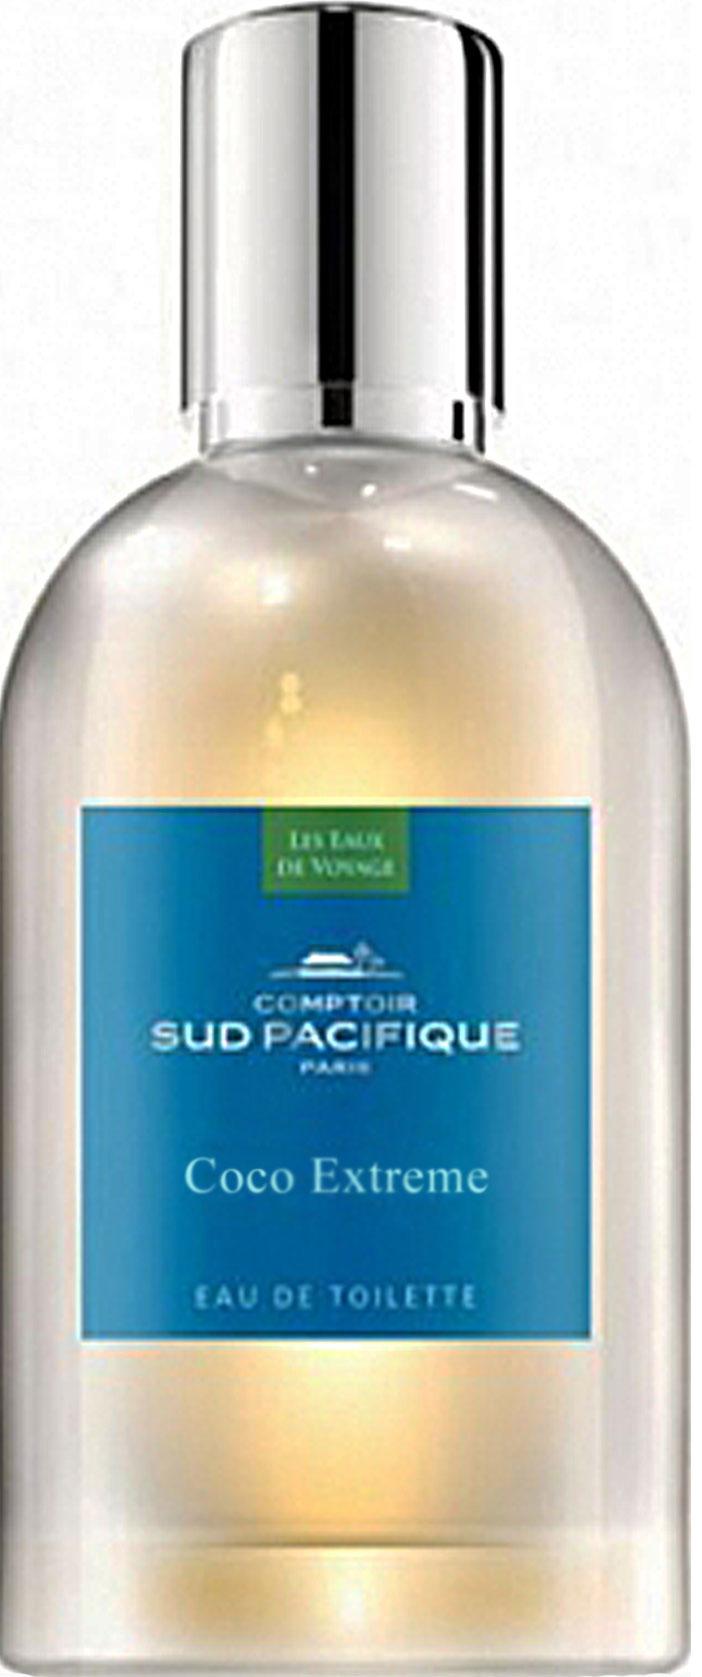 Comptoir Sud Pacifique Coco Extreme туалетная вода 100мл (Сюд Пасифик Кокосовый Экстрим)